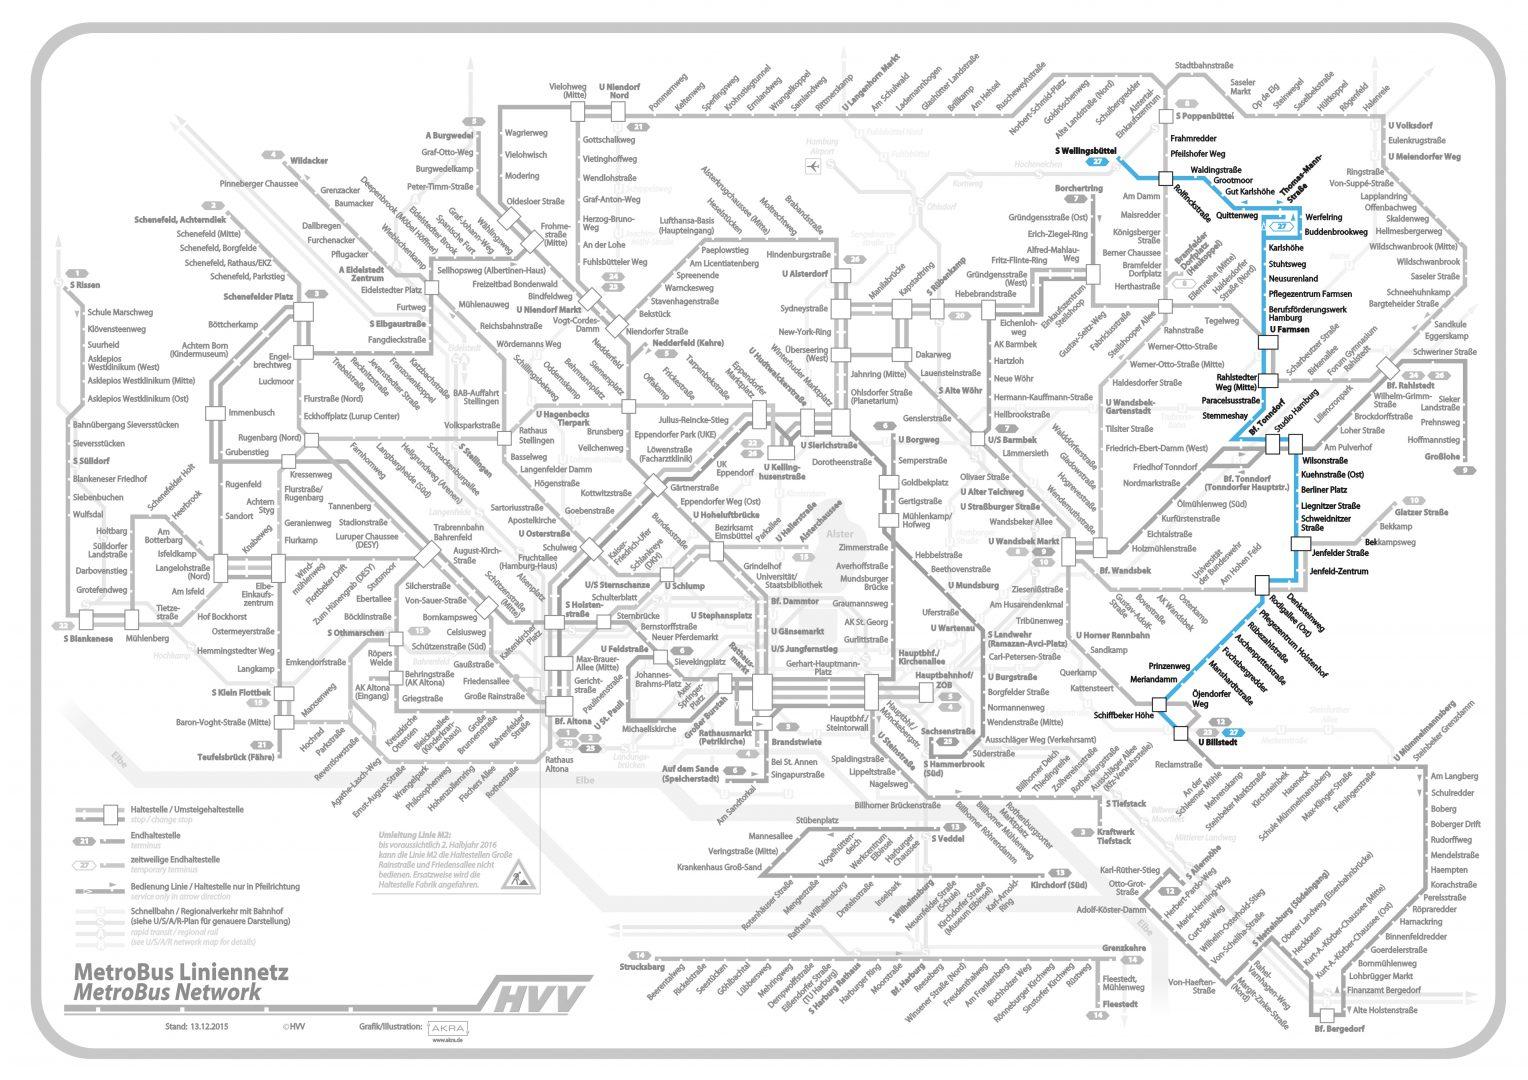 Linie 26 im Liniennetz hervorgehoben, (c) Hamburger Verkehrsverbund (bearbeitet)